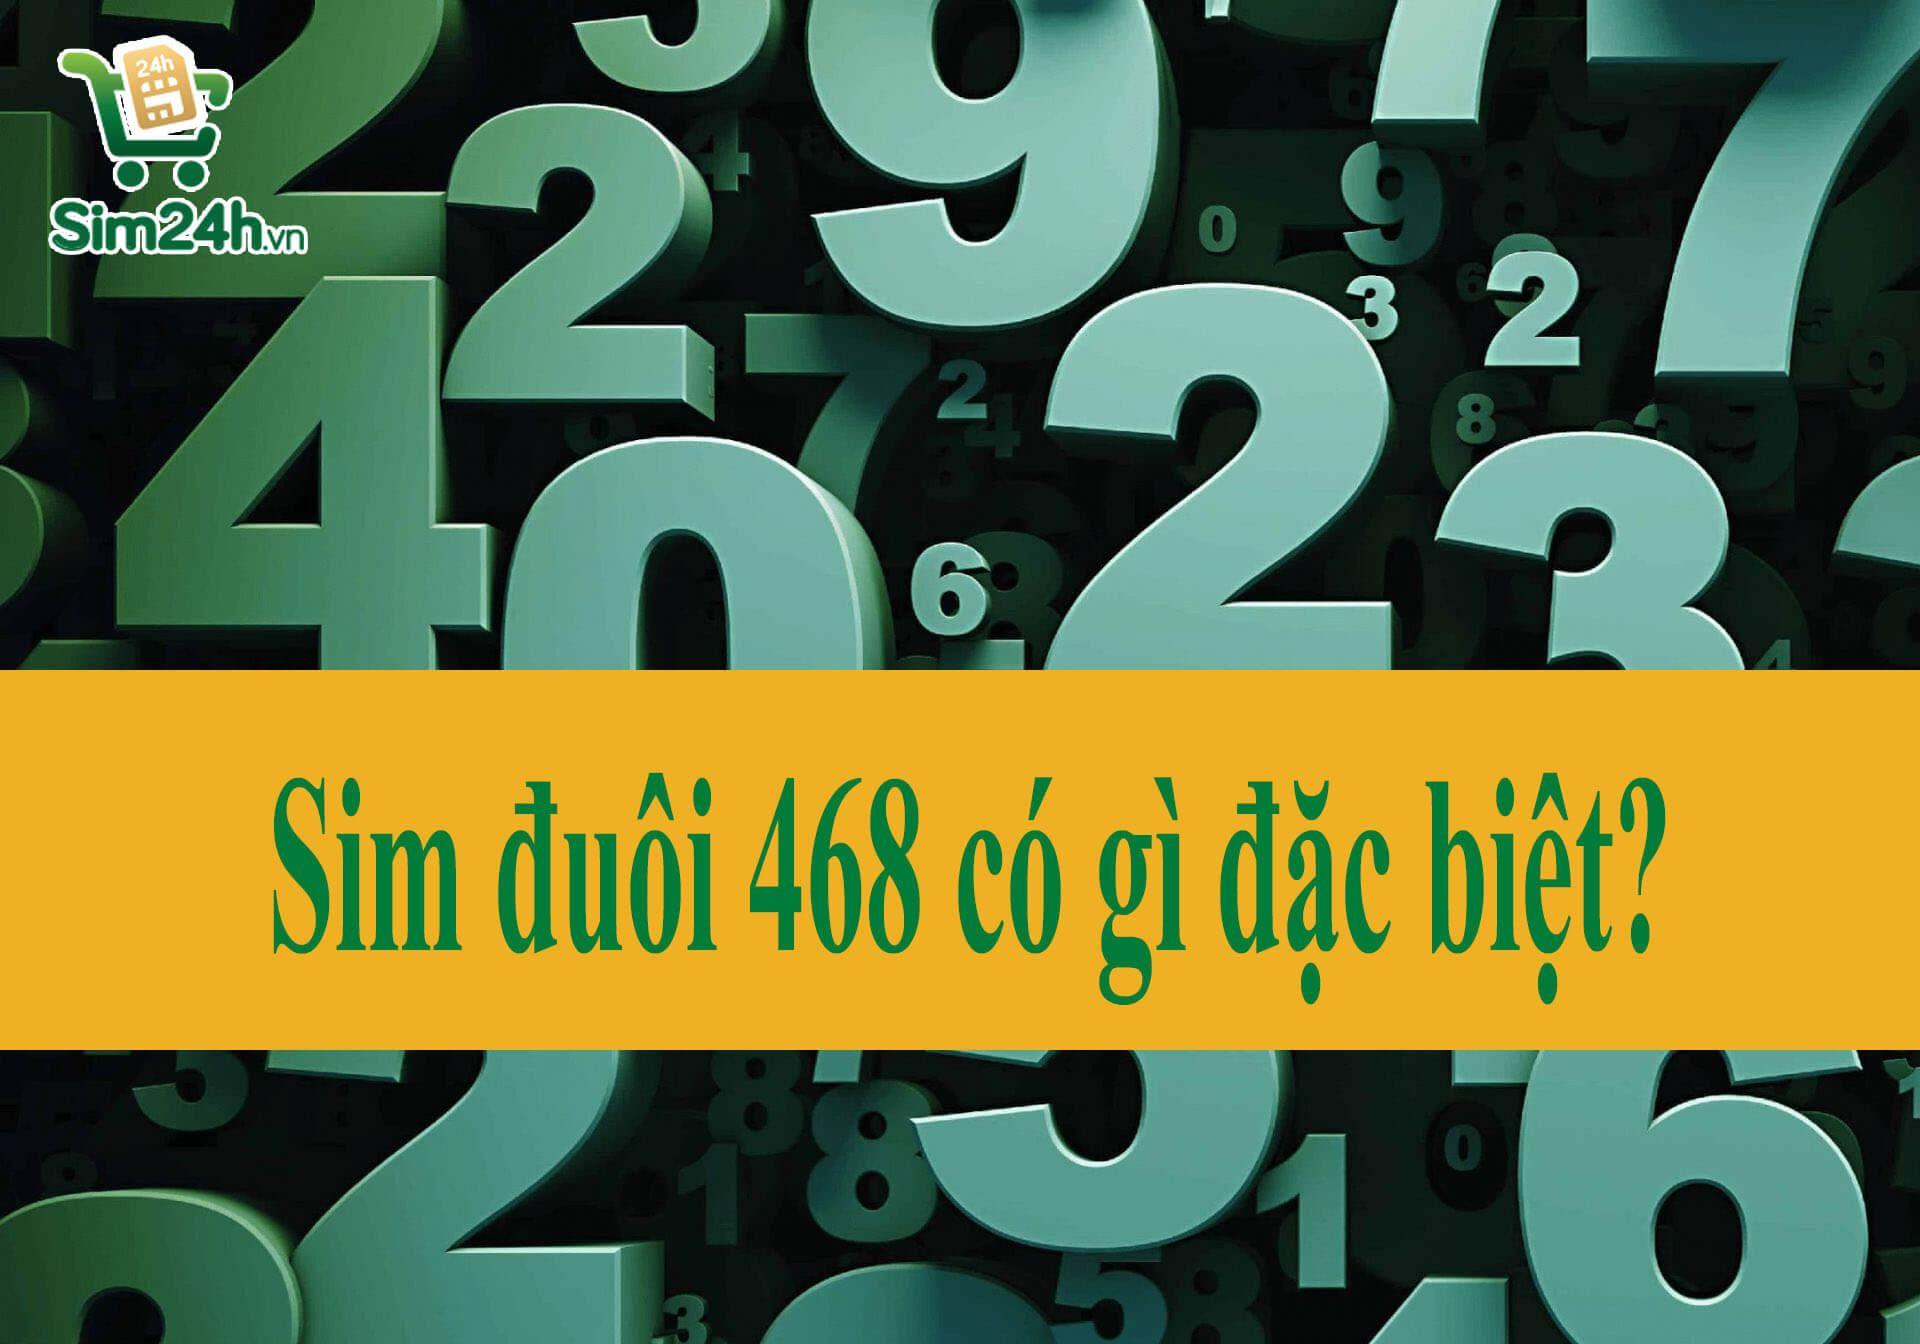 sim-duoi-468_1